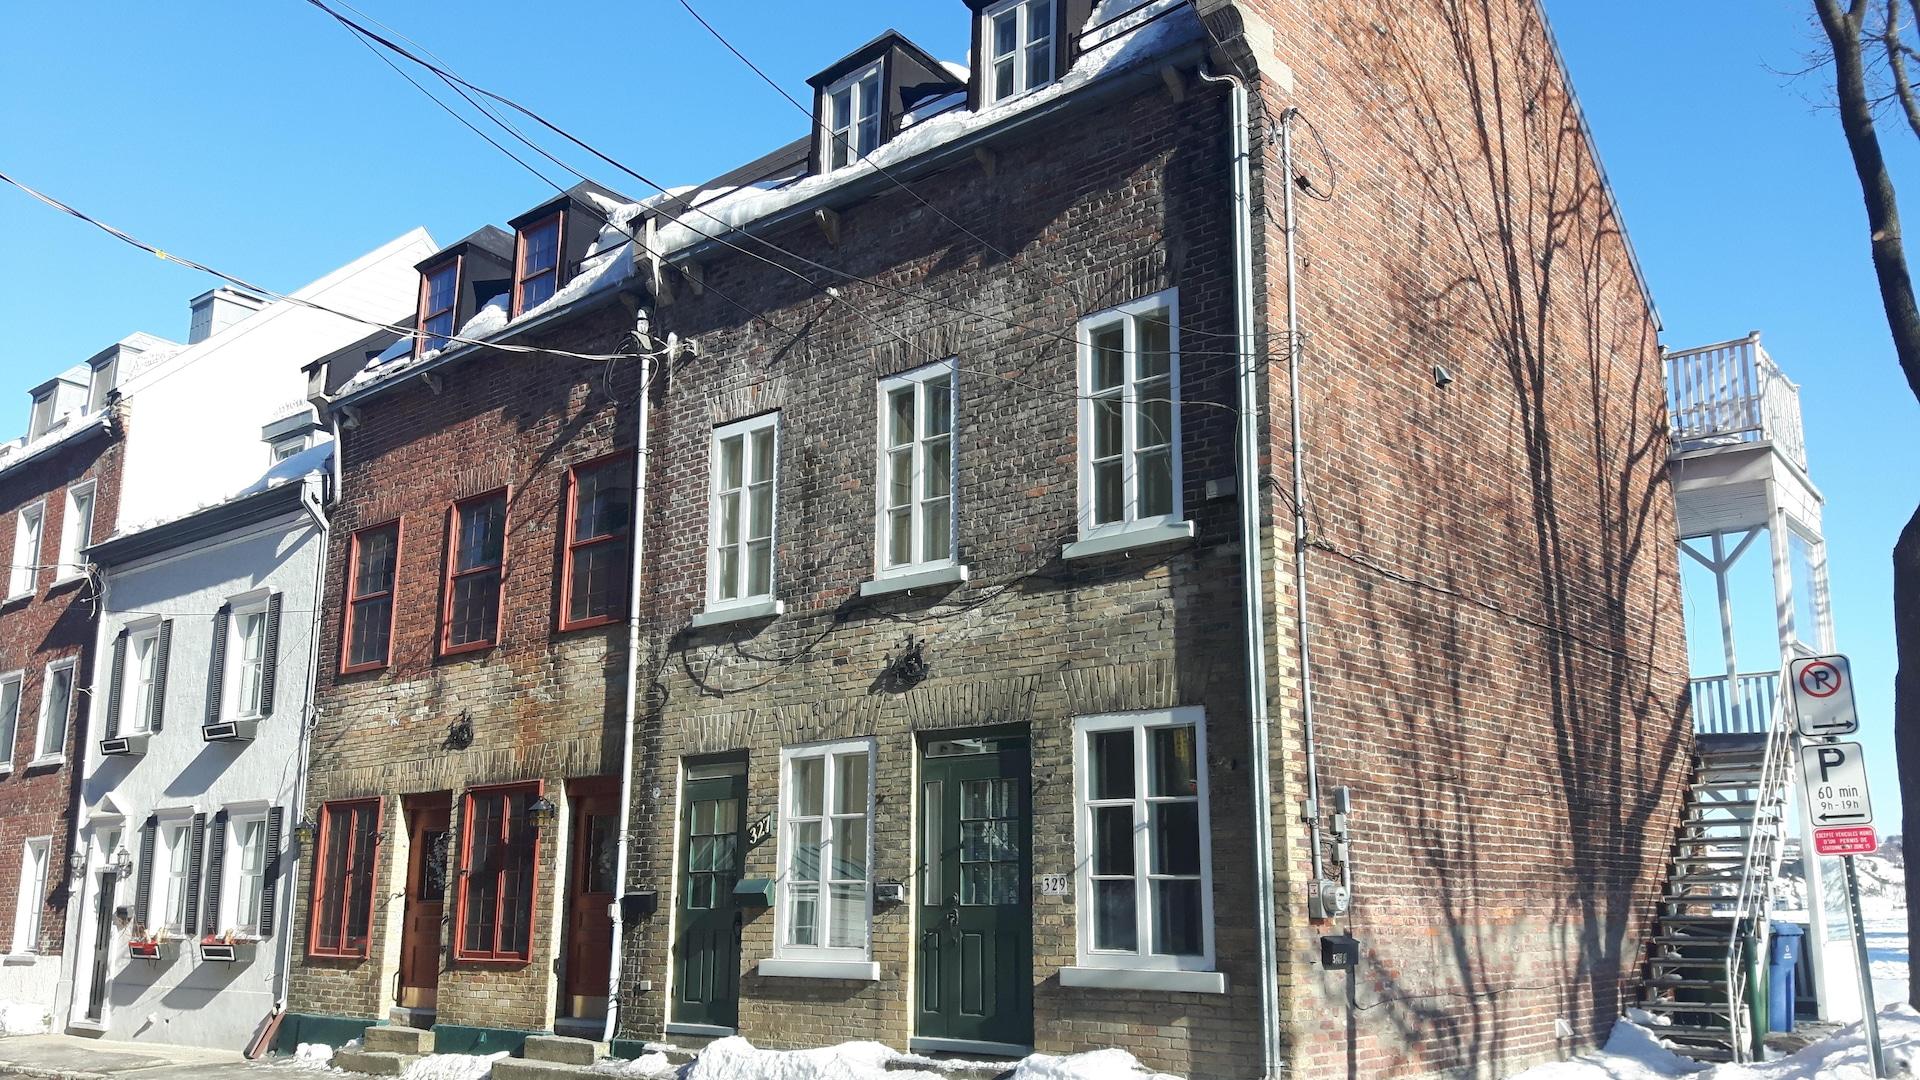 Des maisons de brique affichent des détails rappelant le passé maritime de la rue Champlain, comme des sculpture de bateau ornant les façades.